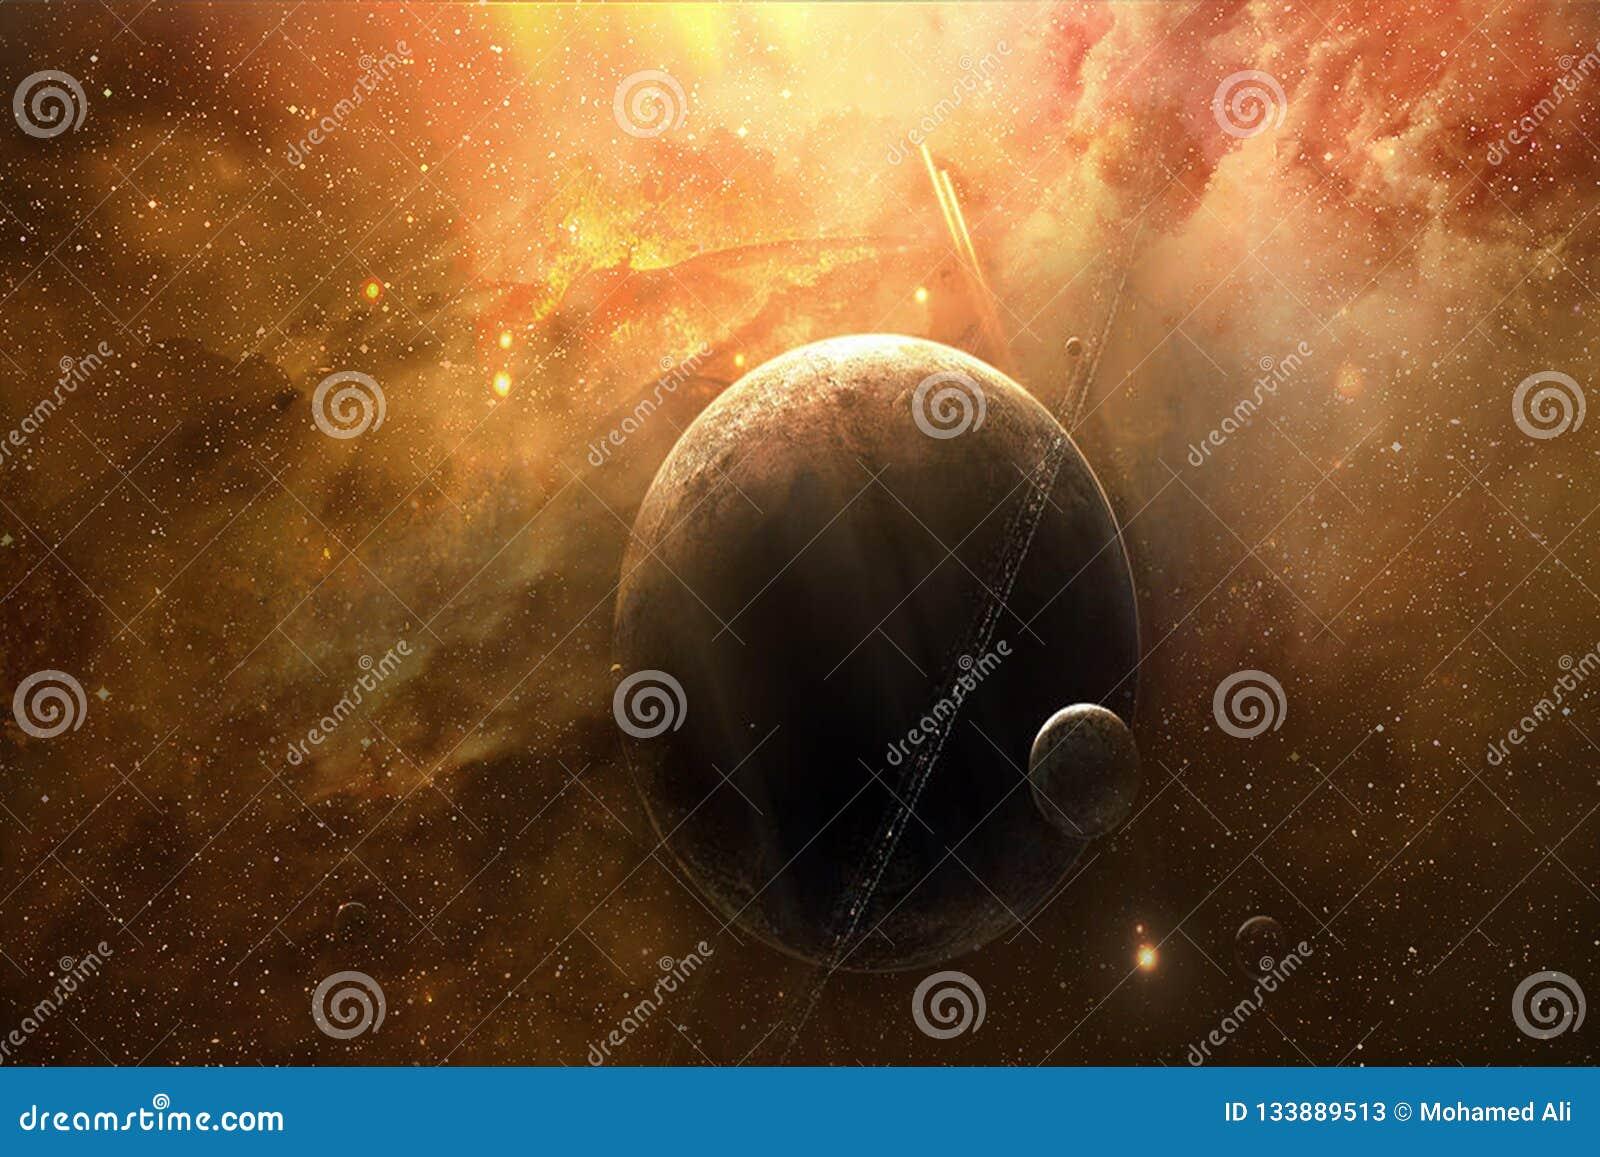 Zusammenfassungs-künstlerischer träumerischer Planet mit ihm ist Mond in einem träumerischen Galaxie-Hintergrund